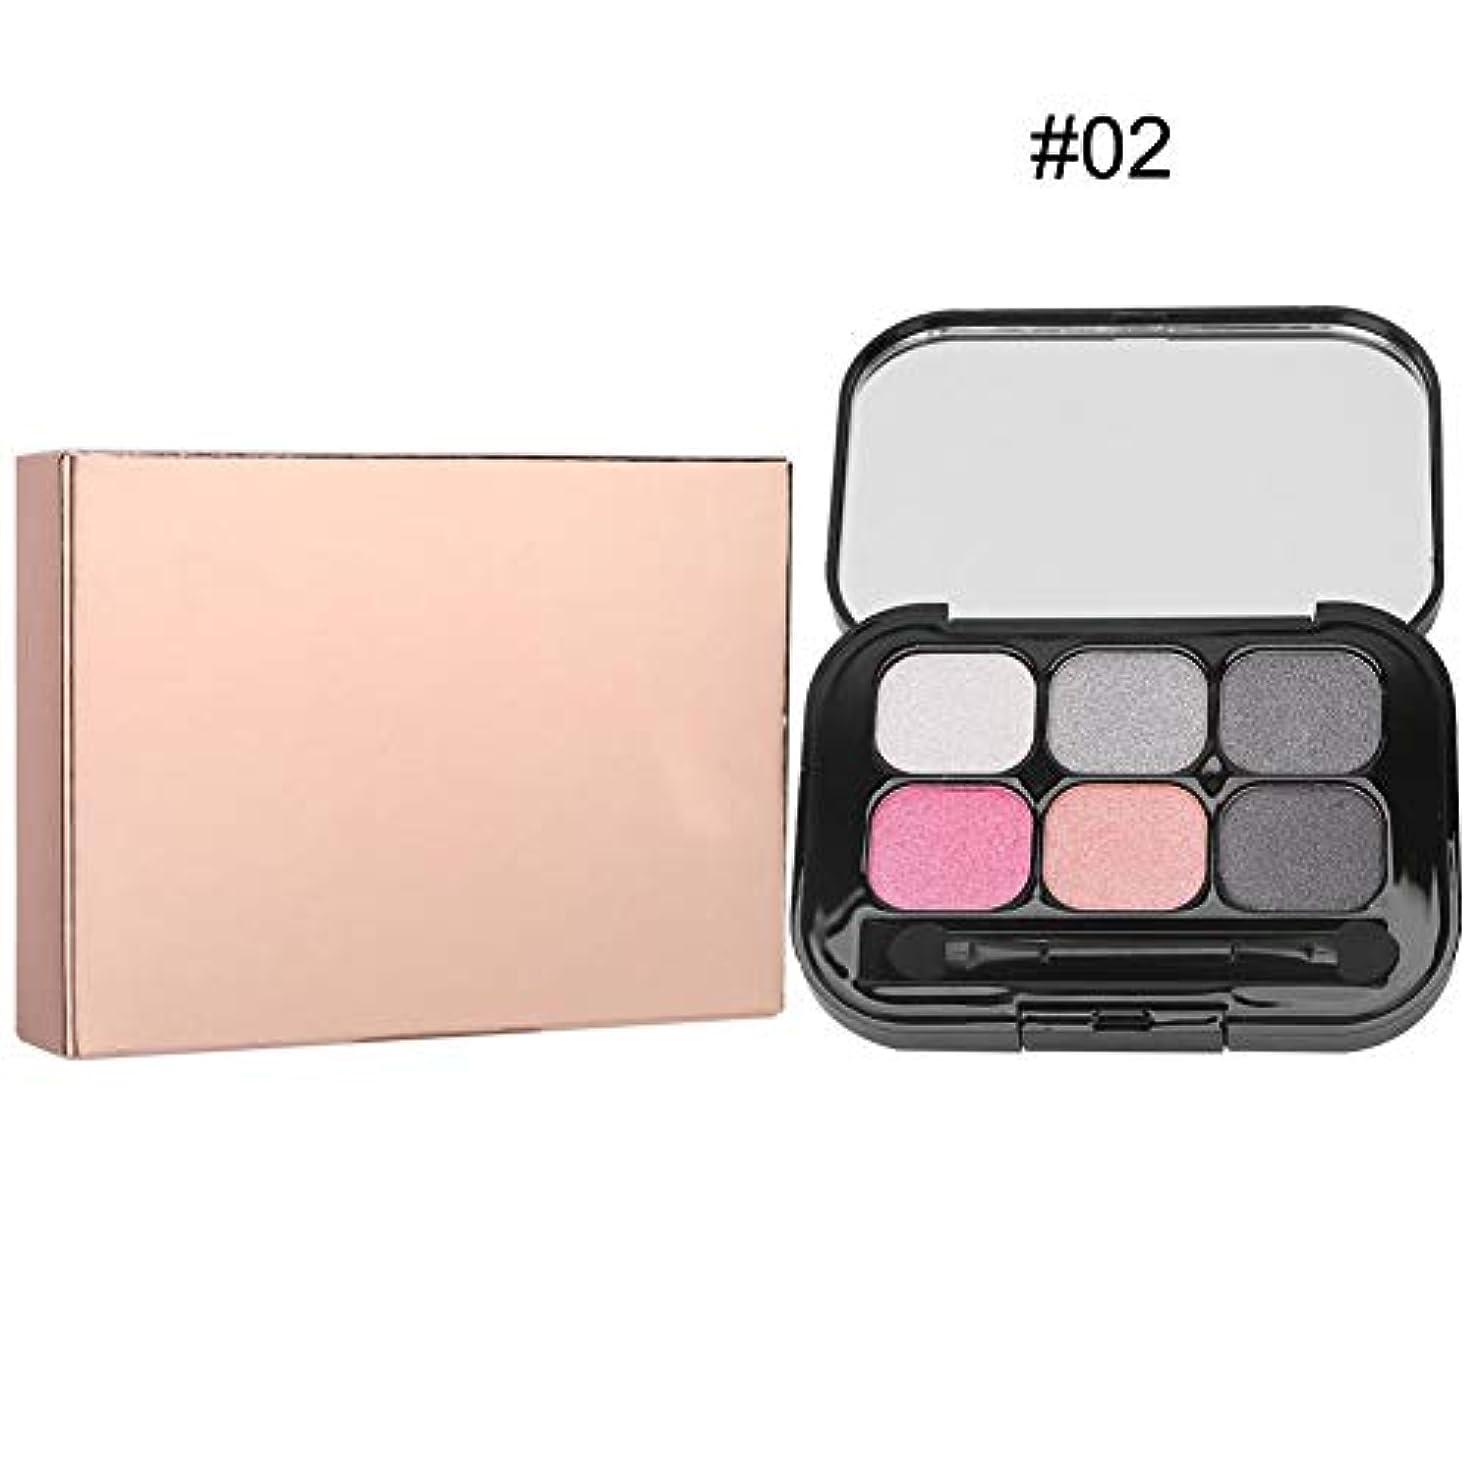 キャンプクラックポットレプリカ16色 アイシャドウパレット アイシャドウパレット 化粧マット グロス アイシャドウパウダー 化粧品ツール (02)